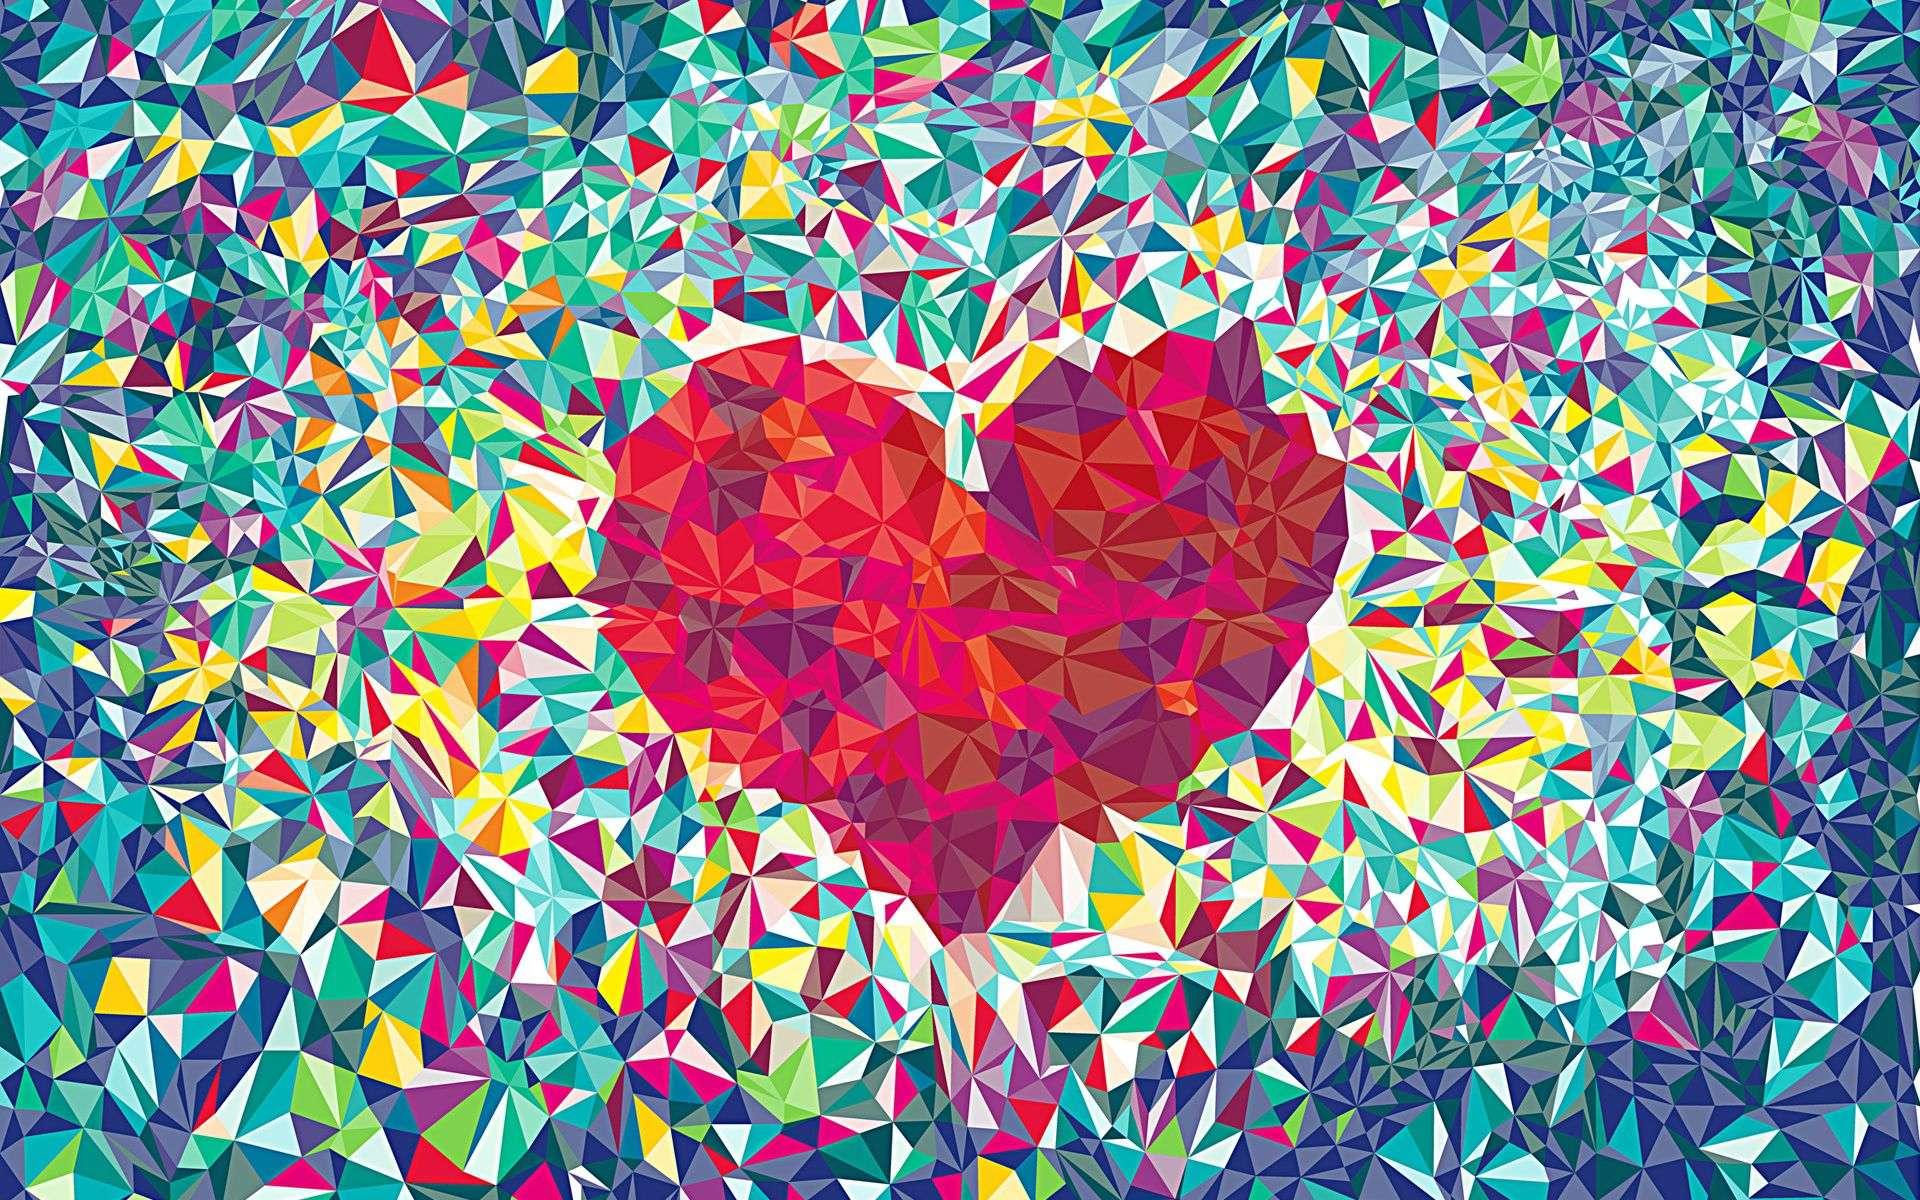 Abstract Graffiti Wallpapers Top Free Abstract Graffiti